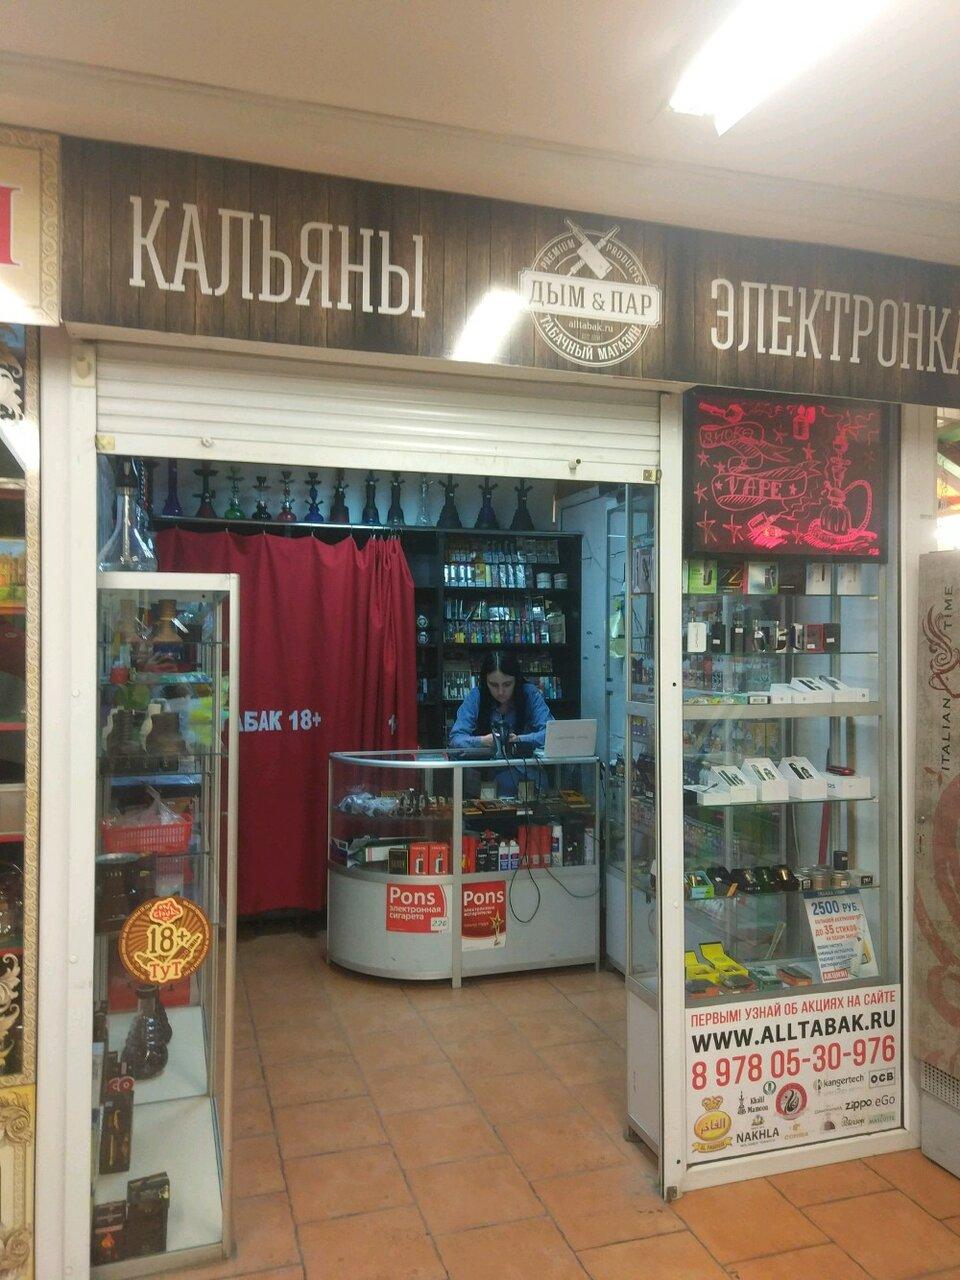 Табаки оптом симферополь айкос сигарета купить отдельно